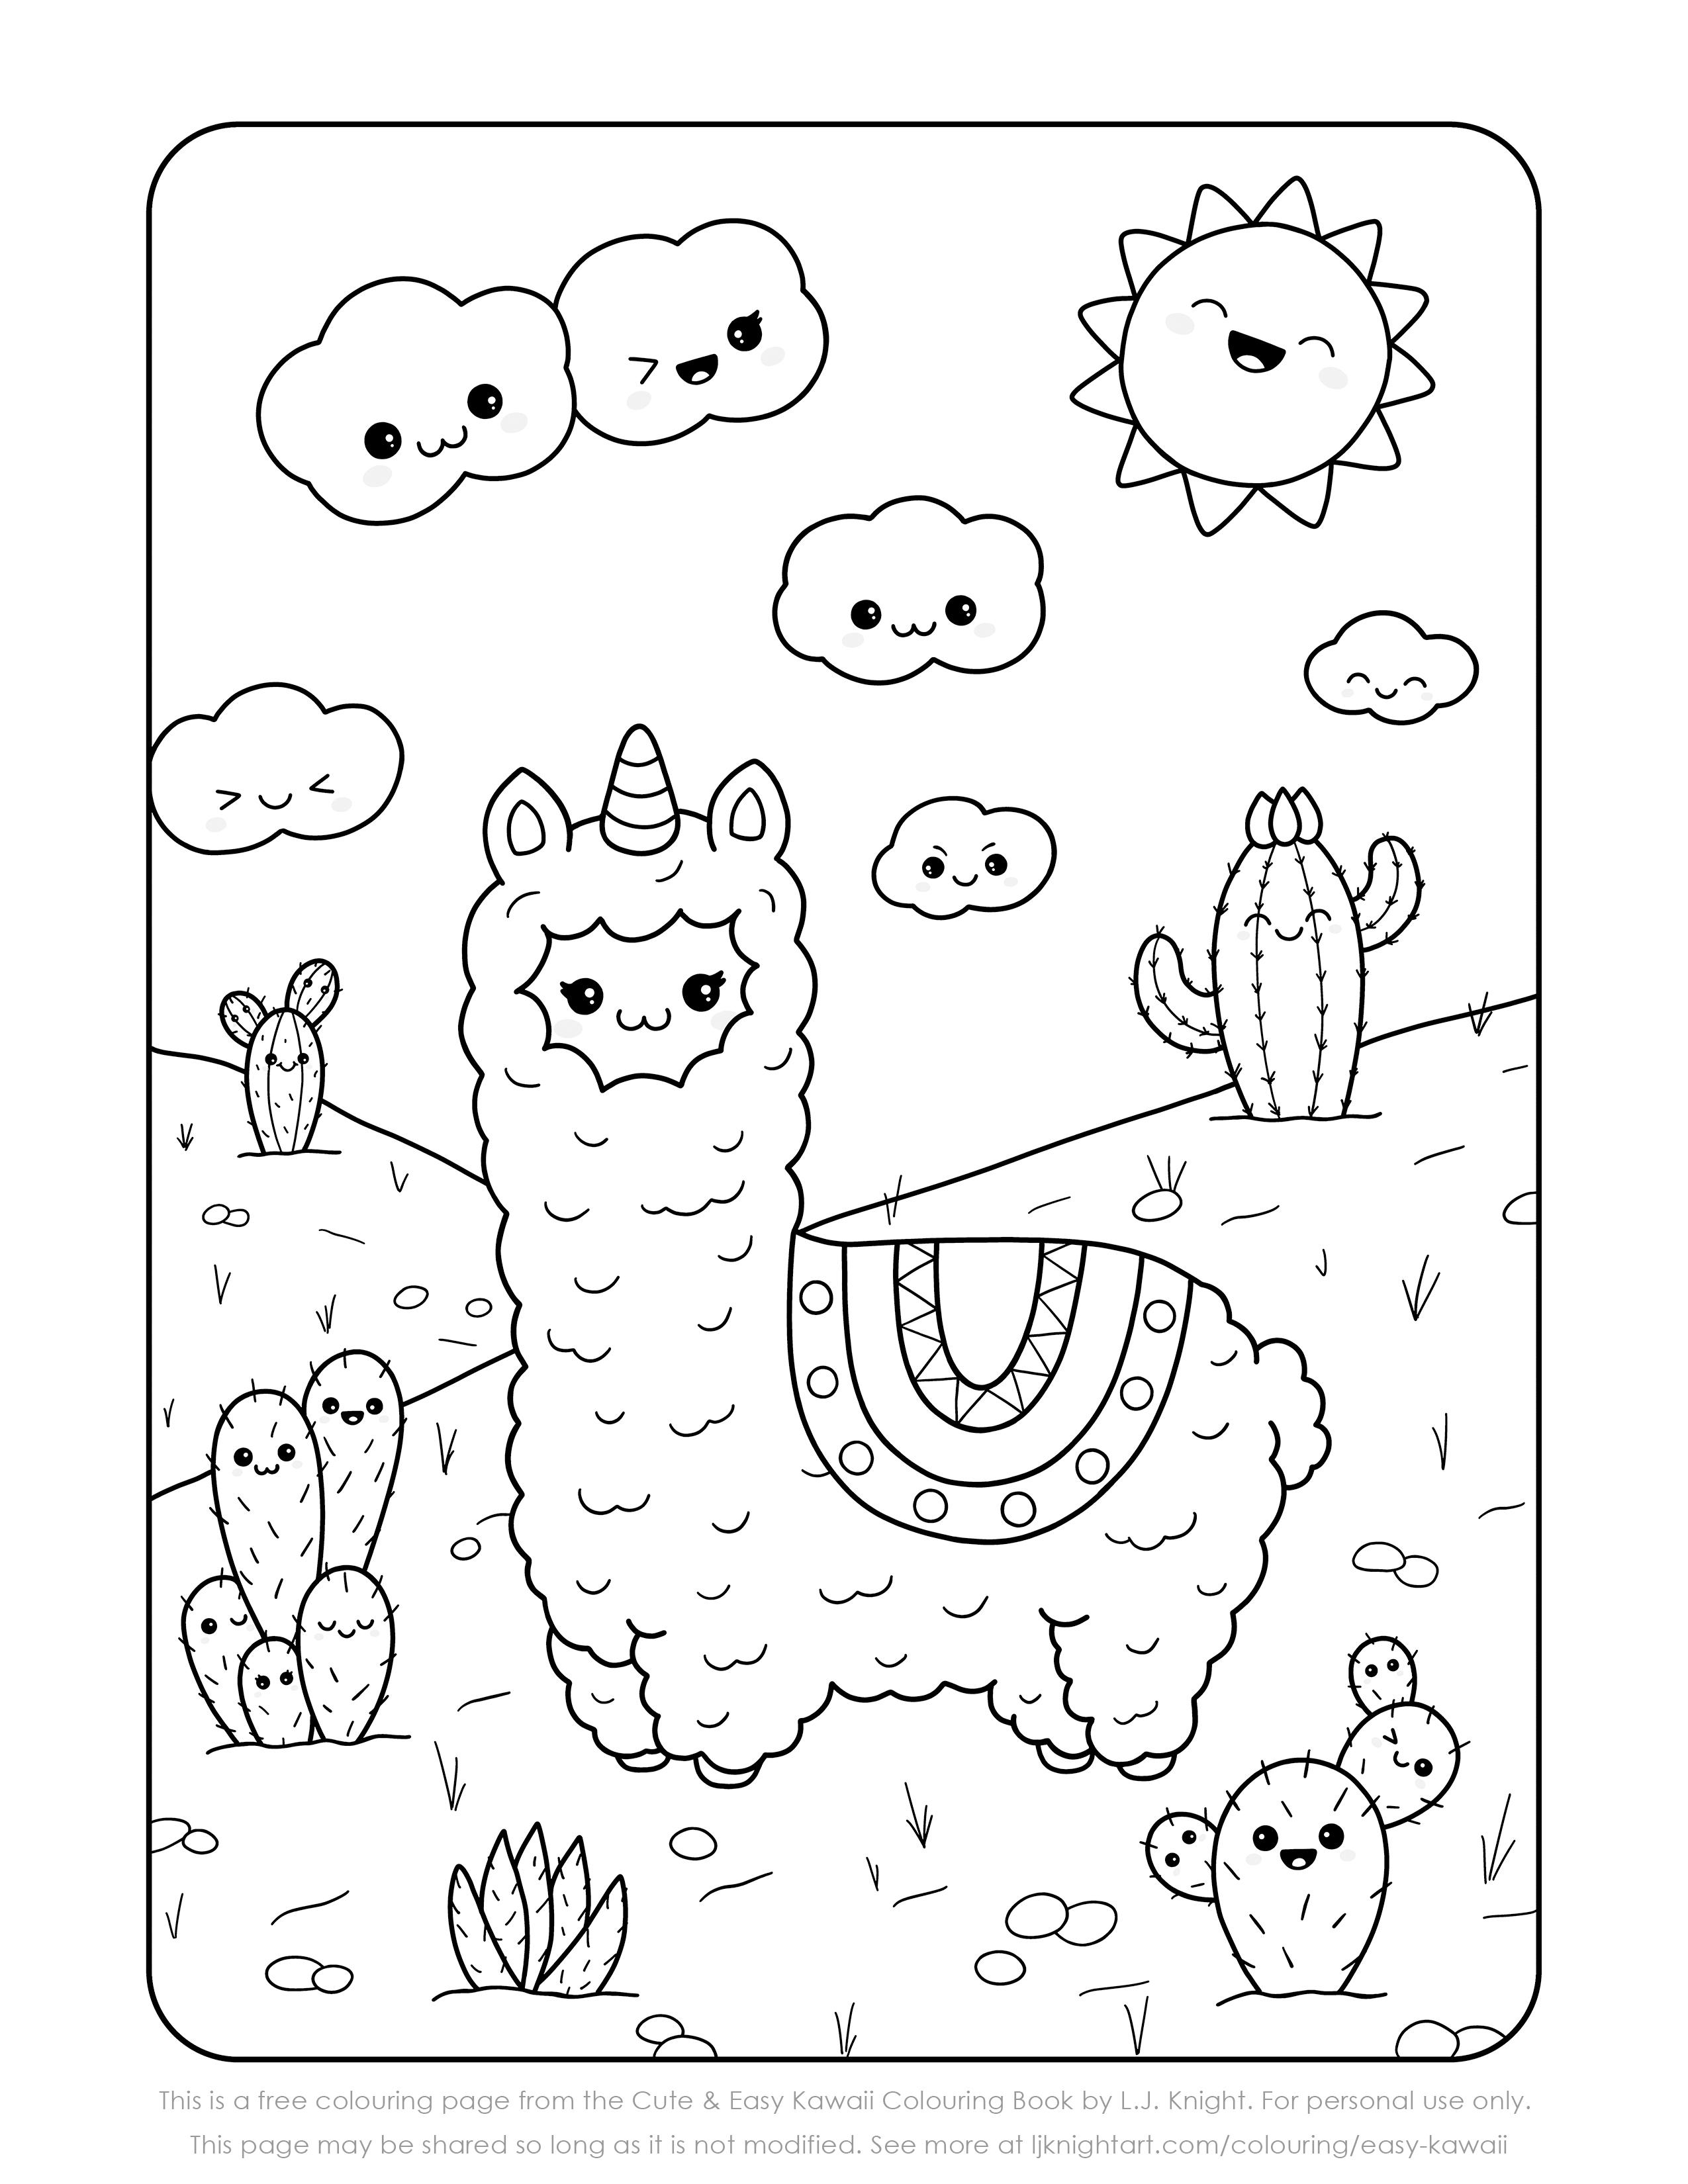 Free Cute Kawaii Llama Printable Colouring Page | L.J. Knight